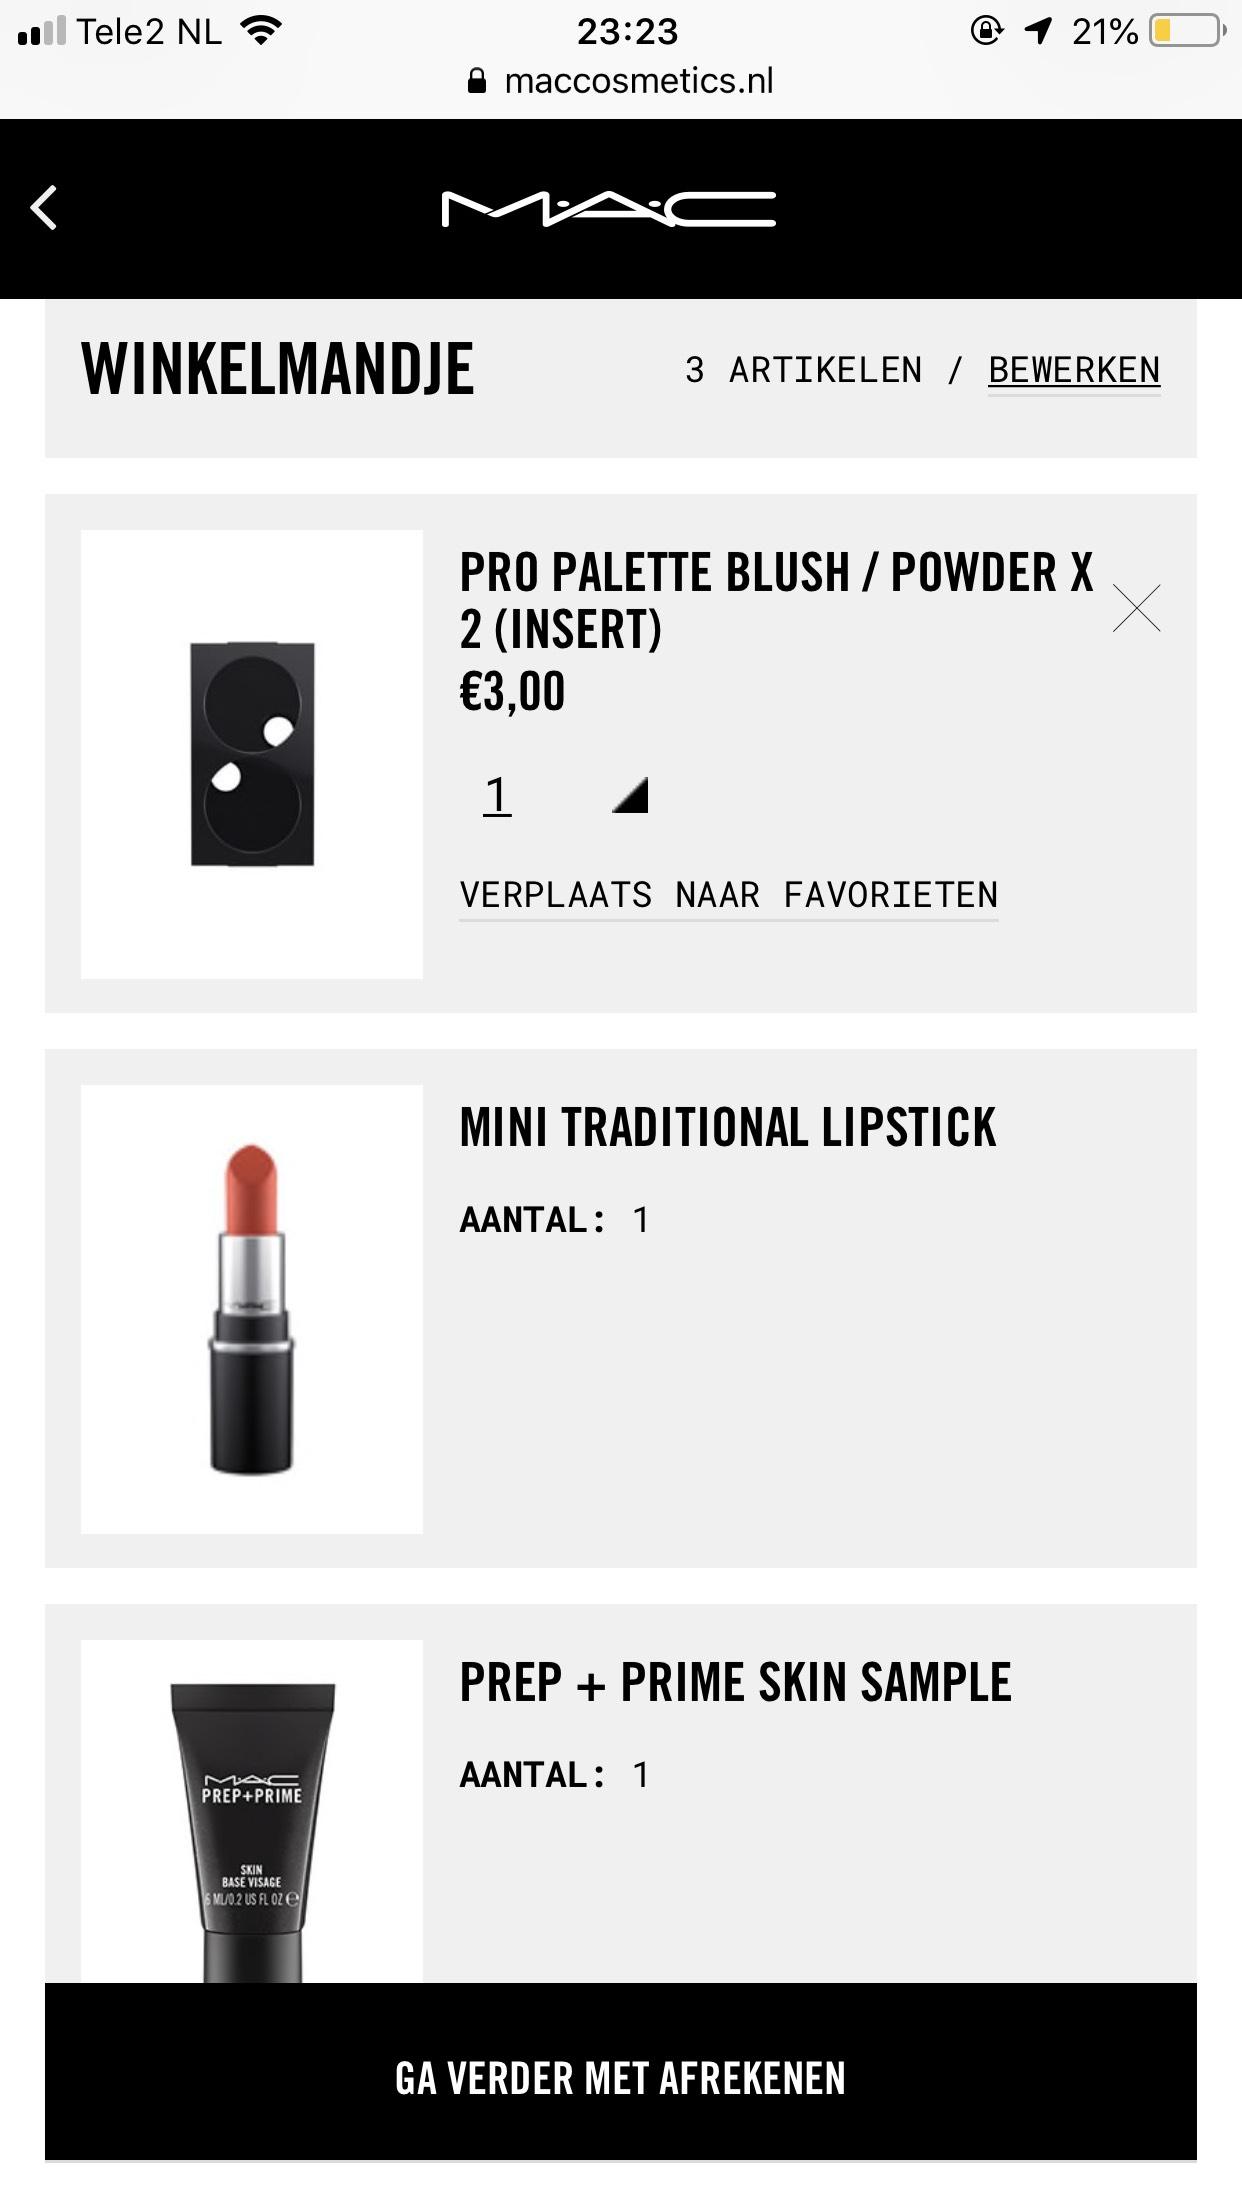 gratis MAC mini lippenstift & primer bij aankoop palette €3